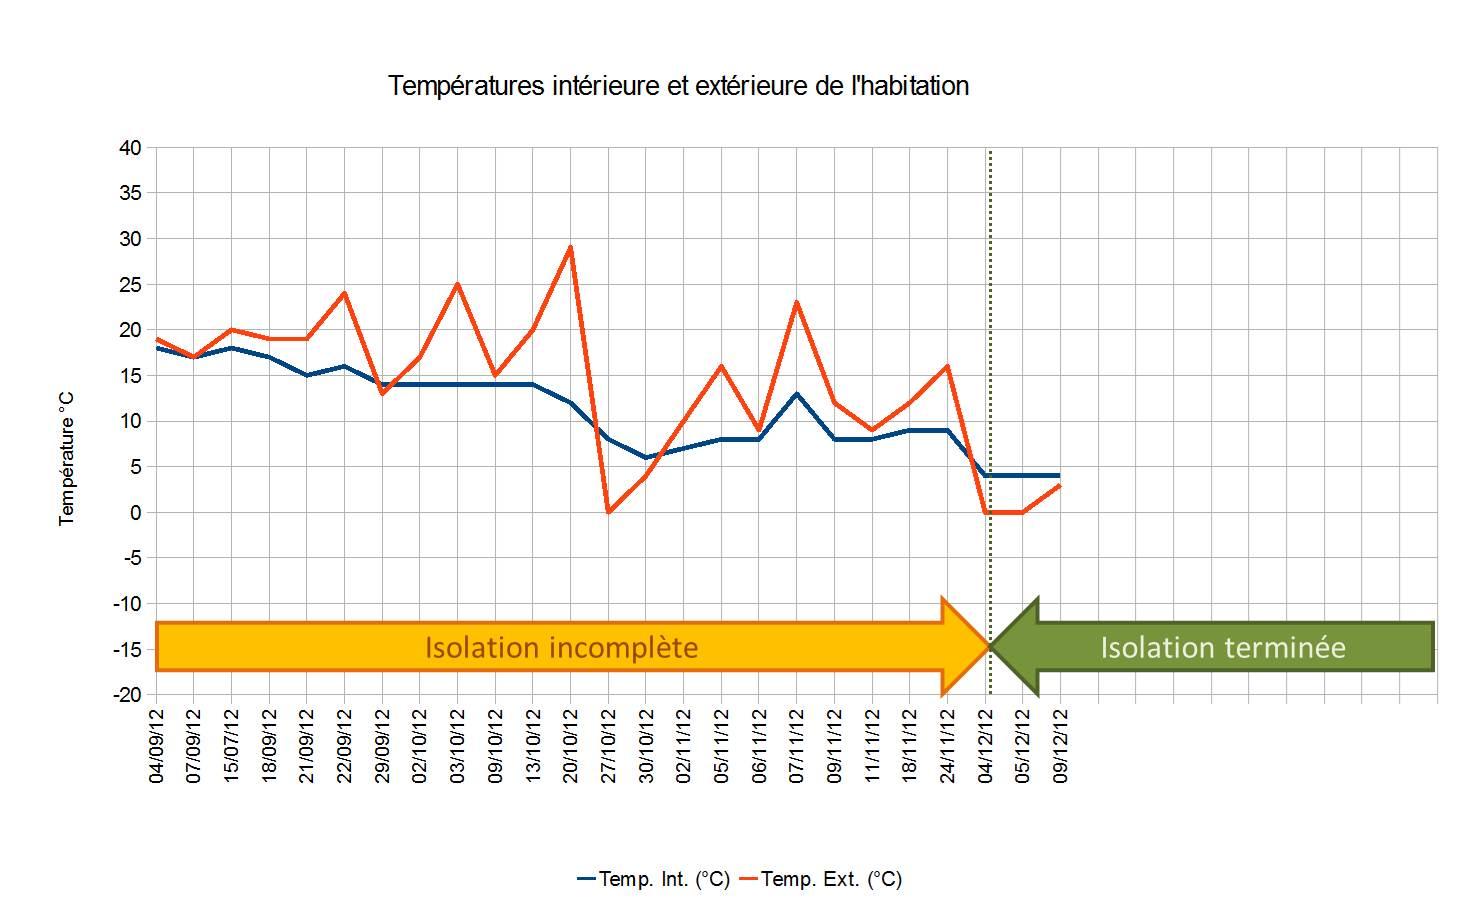 La température extérieure a extrêmement chuté depuis la dernière mise à jour cétait quand même il y a un mois mais la température intérie